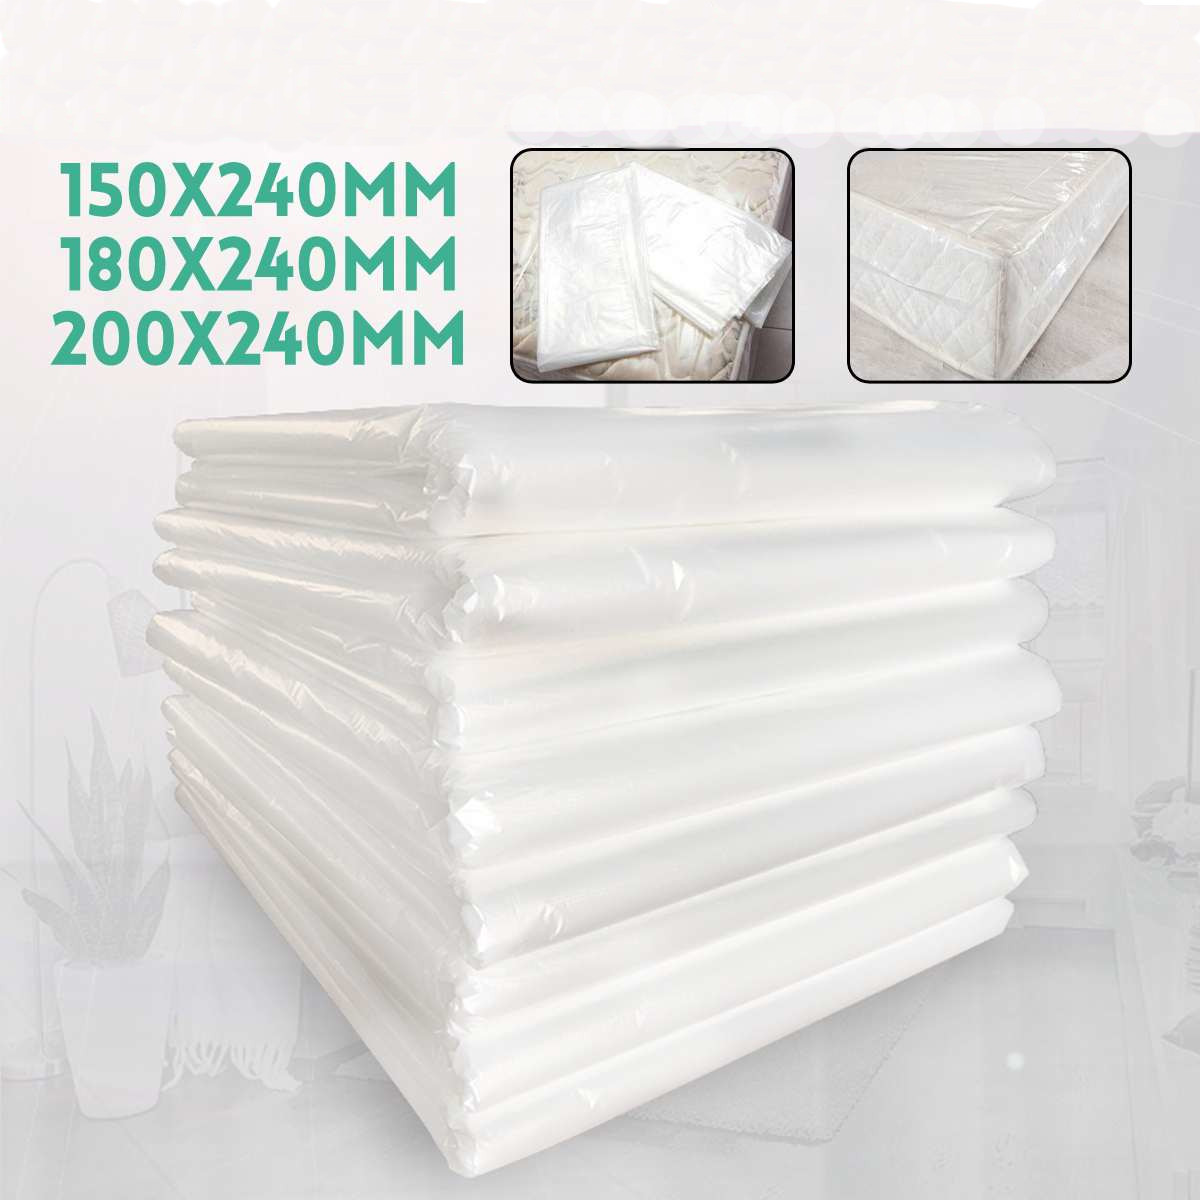 Мешок для хранения матраса защитный чехол для матраса, влагостойкий прозрачный пылезащитный чехол для хранения в домашних условиях